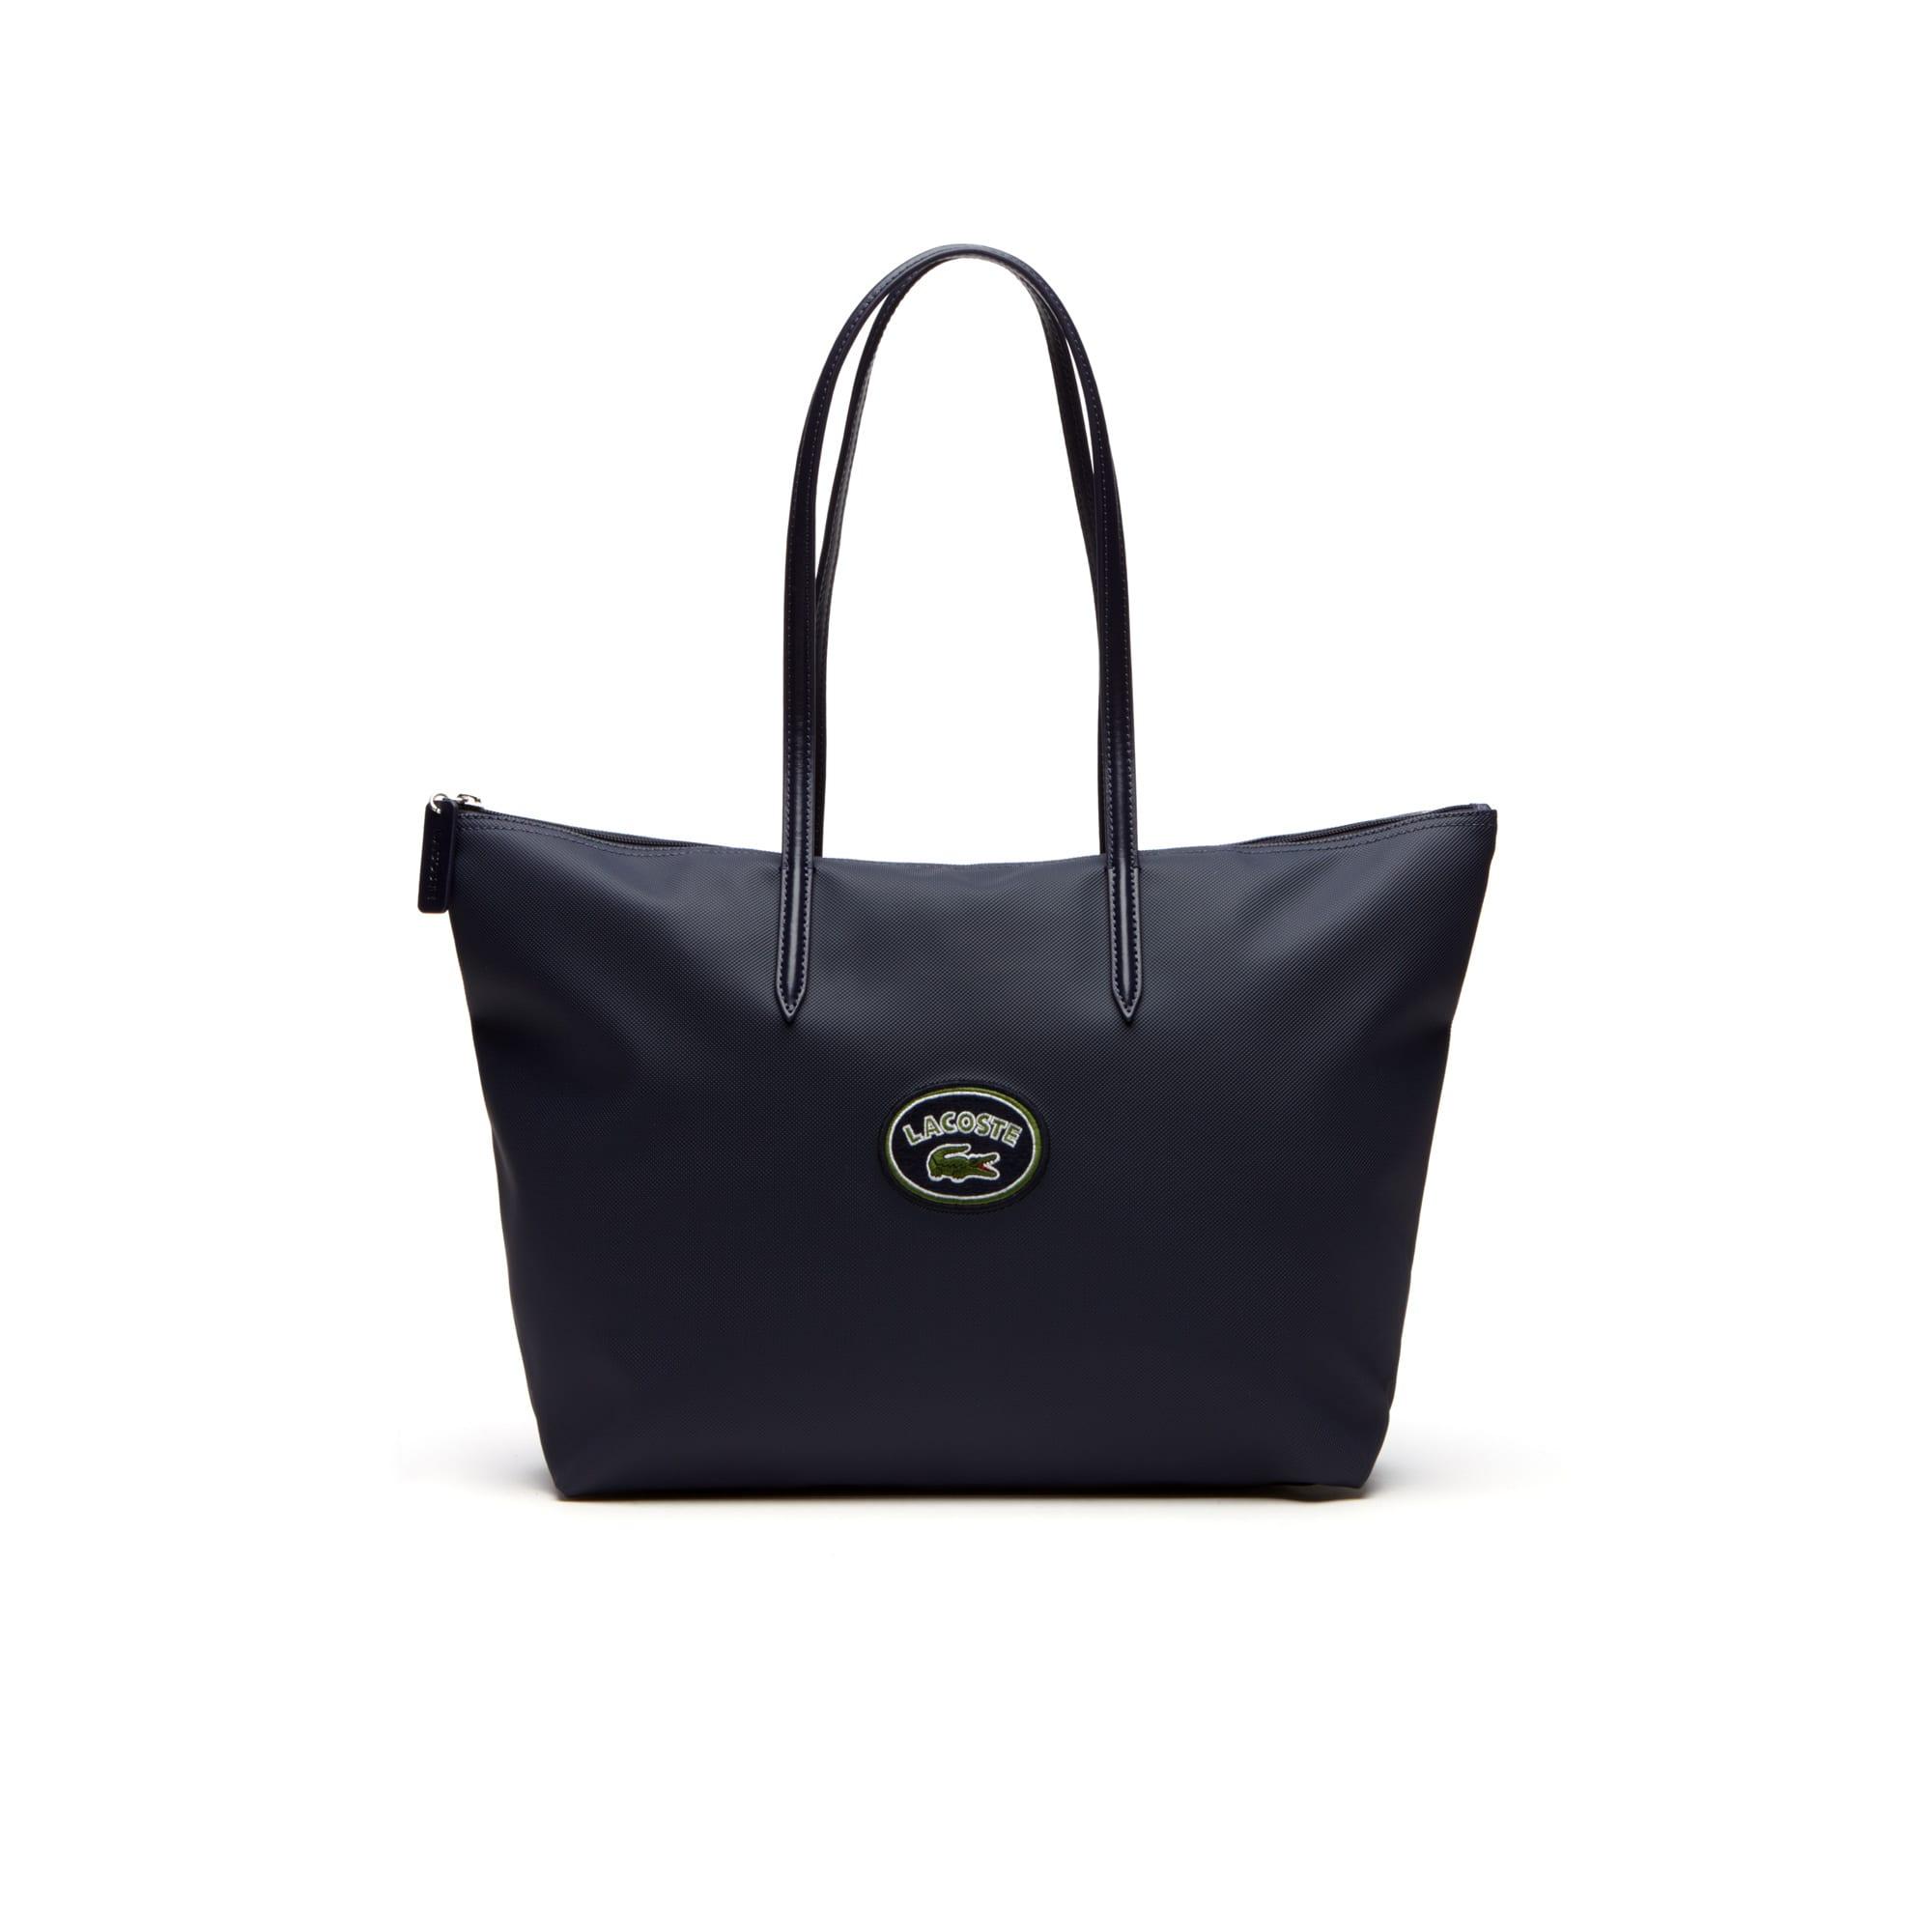 Große Damen-Tote-Bag L.12.12 CONCEPT mit LACOSTE Aufnäher